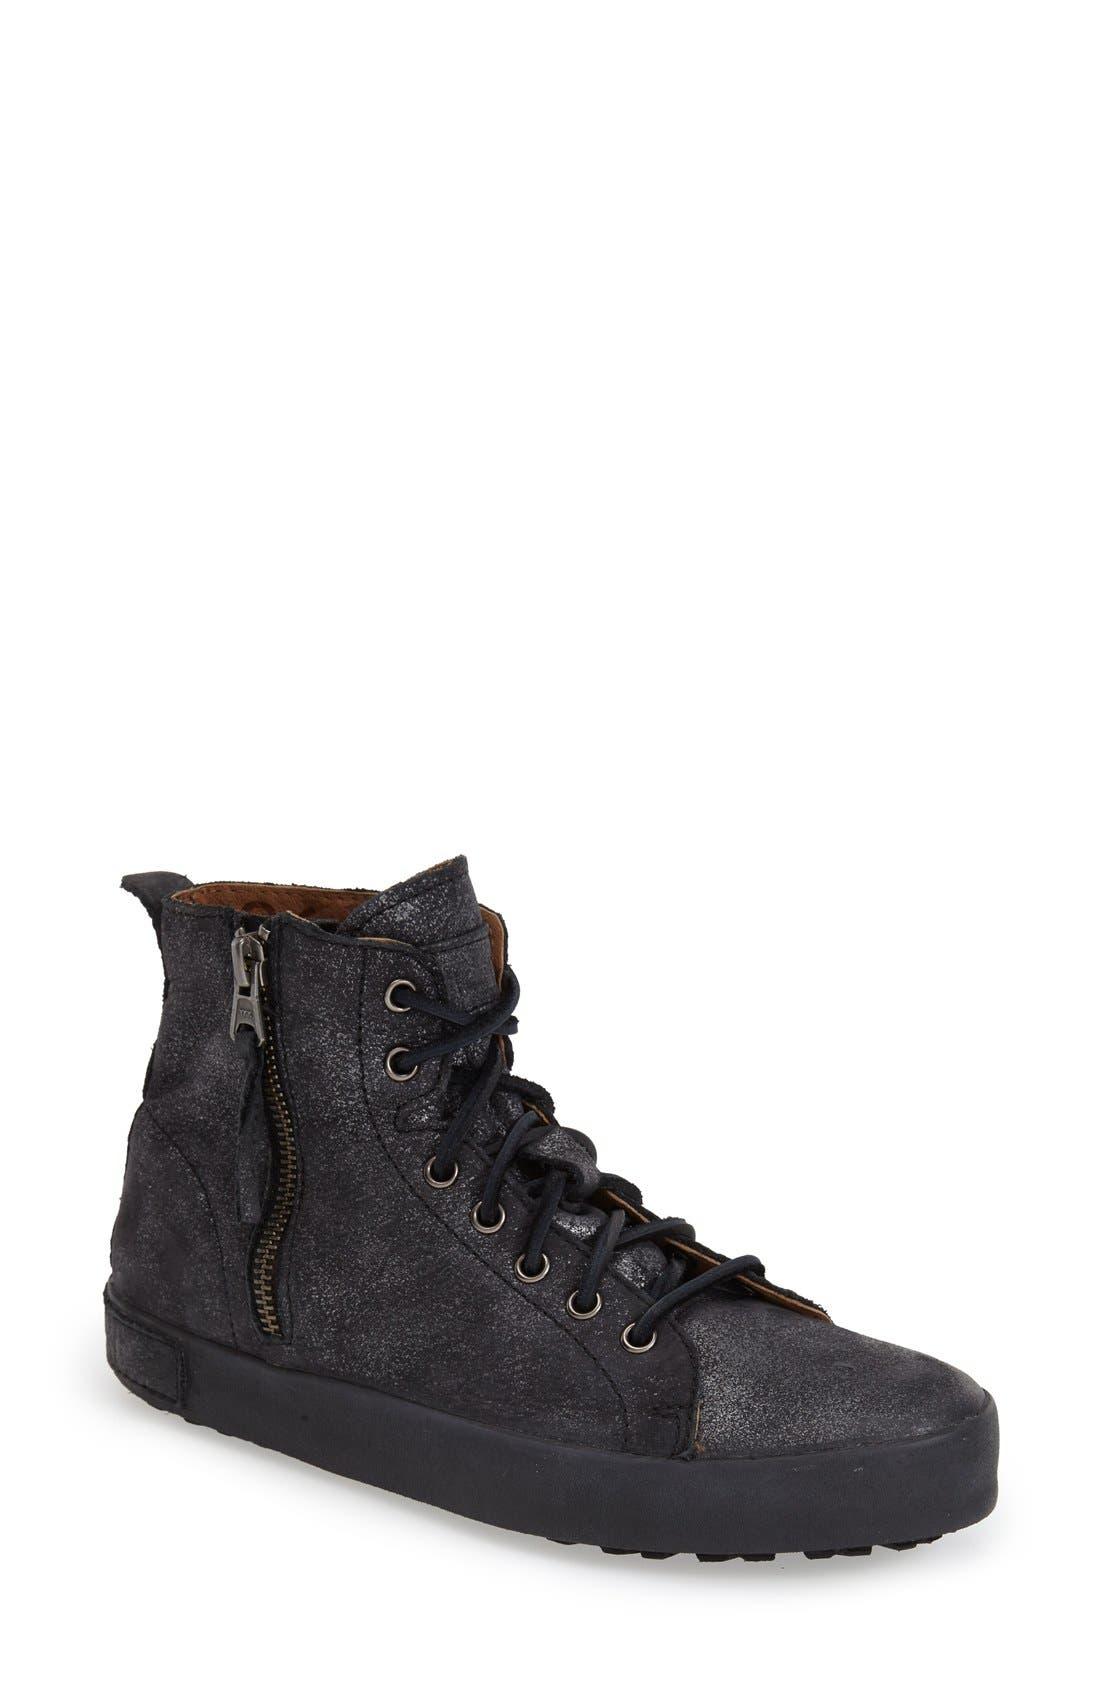 'JL' High Top Sneaker,                         Main,                         color, Black Metallic